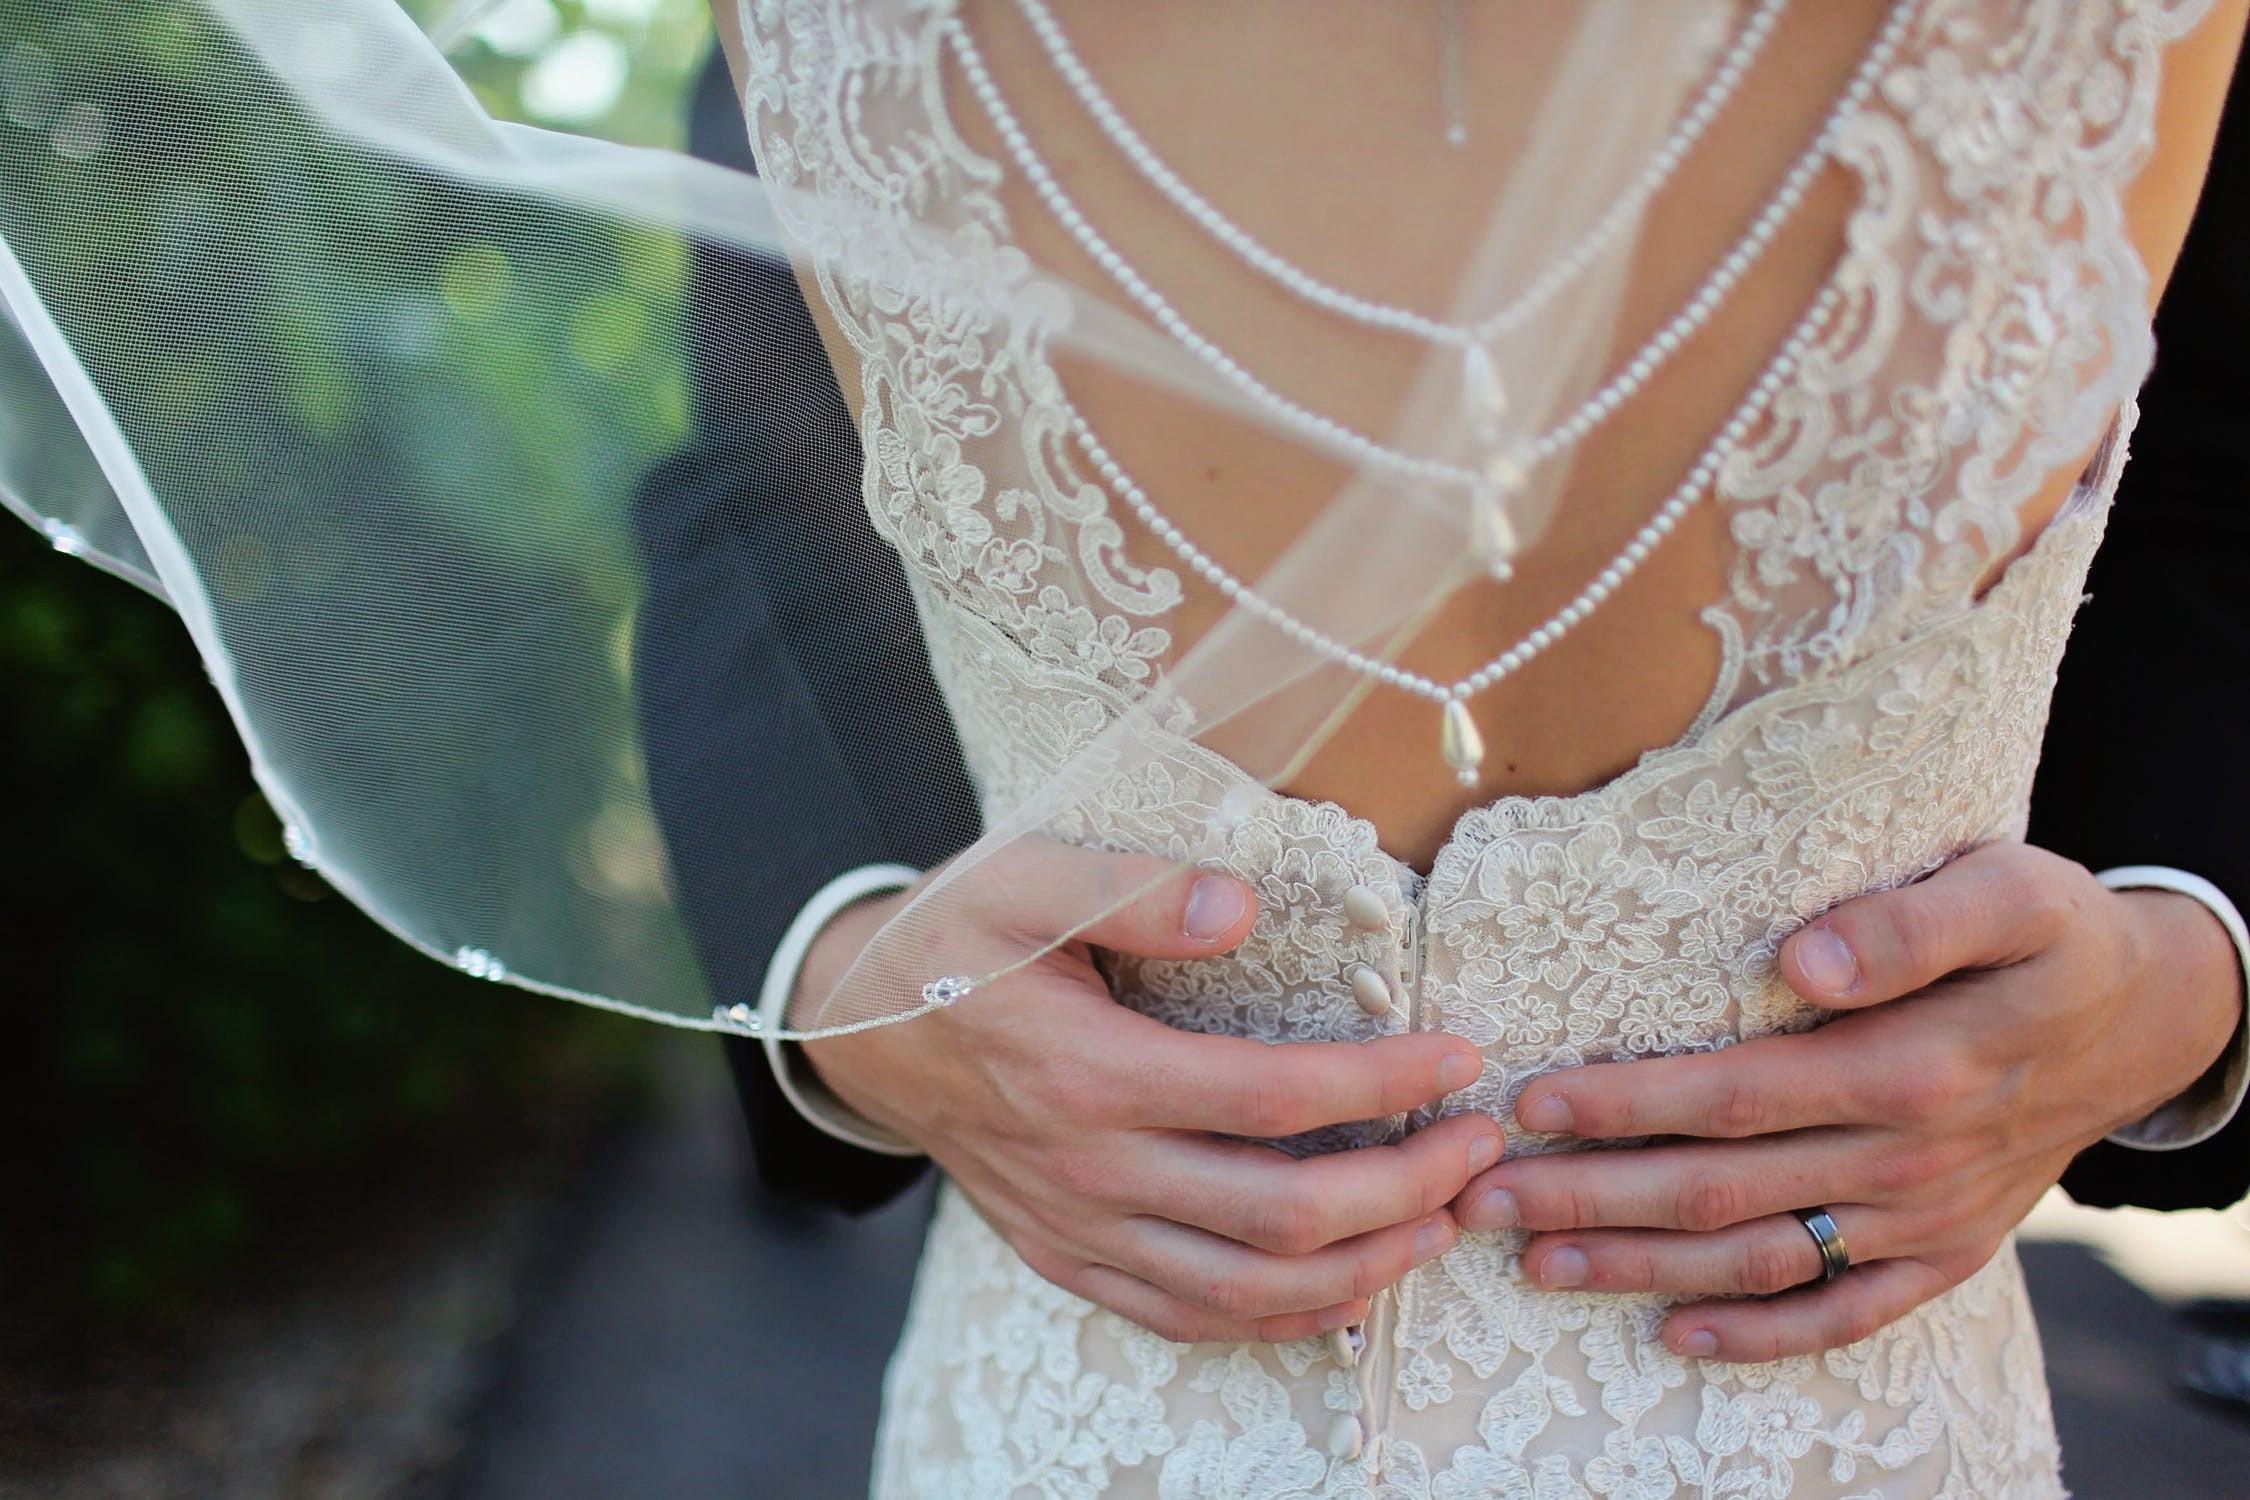 ▲結婚(示意圖/取自免費圖庫Pexels)